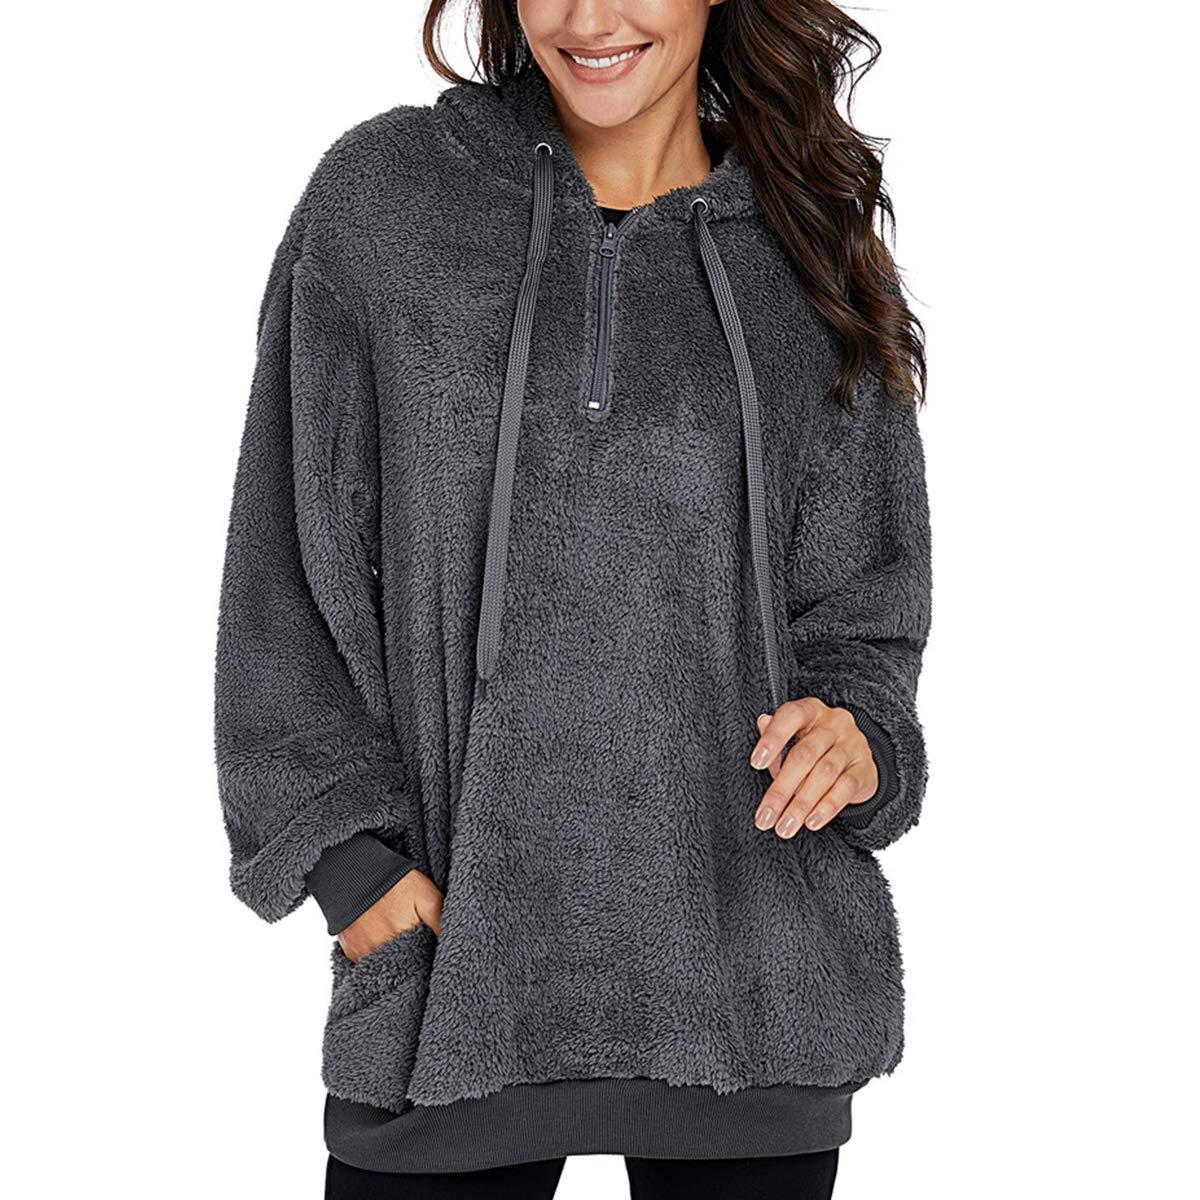 Womens Oversized Fashion Long Sleeve Zipper Sweatshirt Fleece Pullover Outwear Coat with Pockets Hoodie Tops